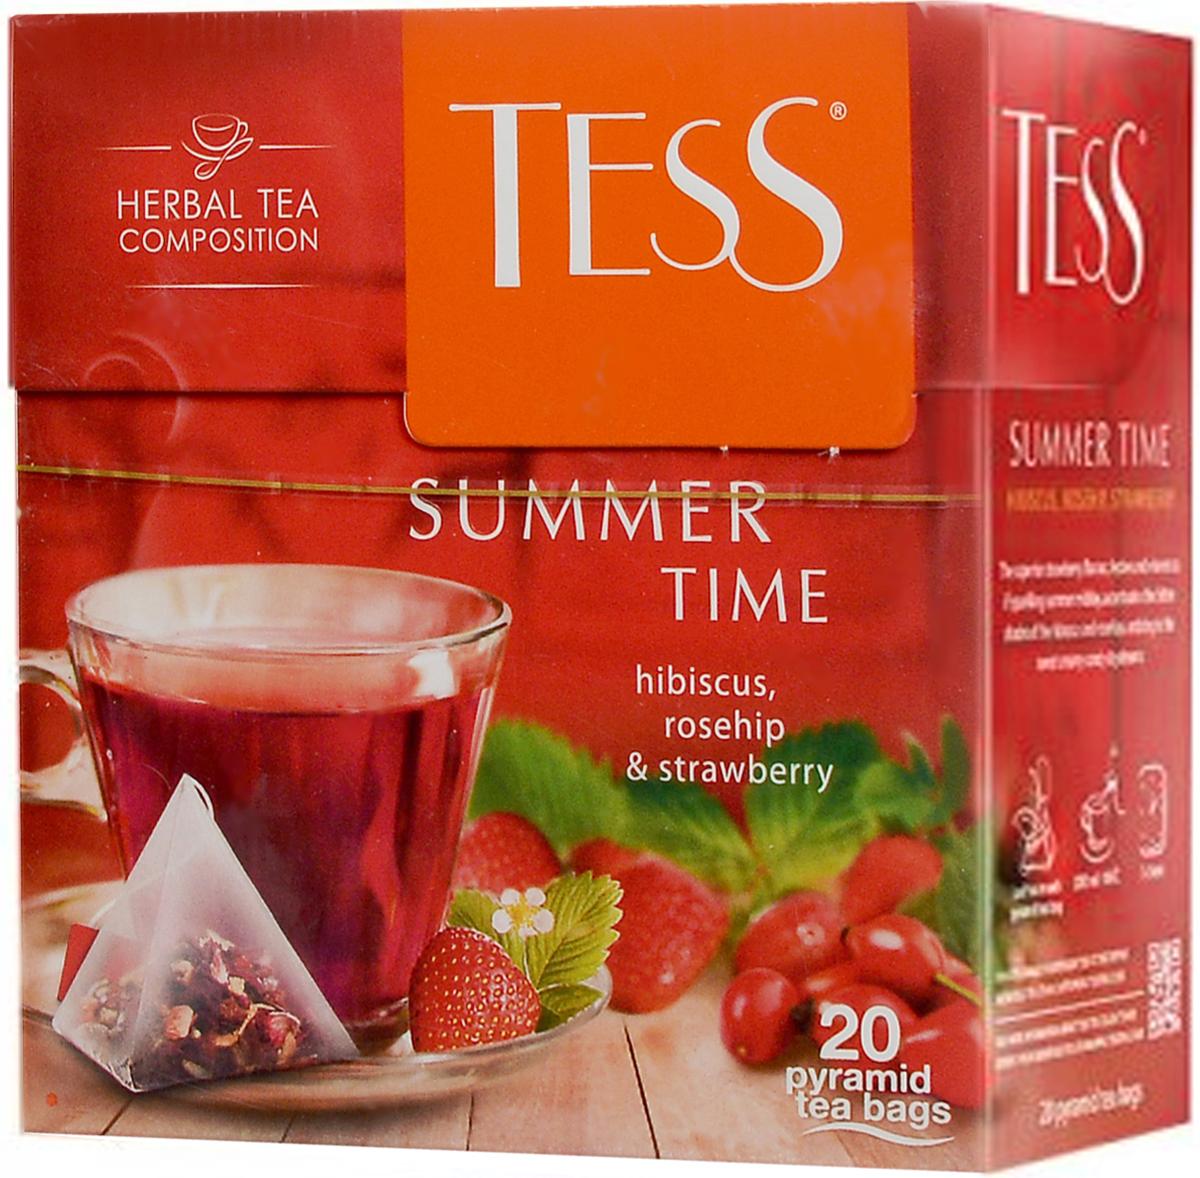 Tess Summer Time травяной чай с гибискусом, шиповником и клубникой в пирамидках, 20 шт0789-12Травяной чай в пирамидках Tess Summer Time обладает великолепным клубничным ароматом, праздничным и ярким, как сверкающий летний полдень, который оттеняет кисловатые ноты гибискуса и шиповника, увлекая в сладкую пену карамельных грез.